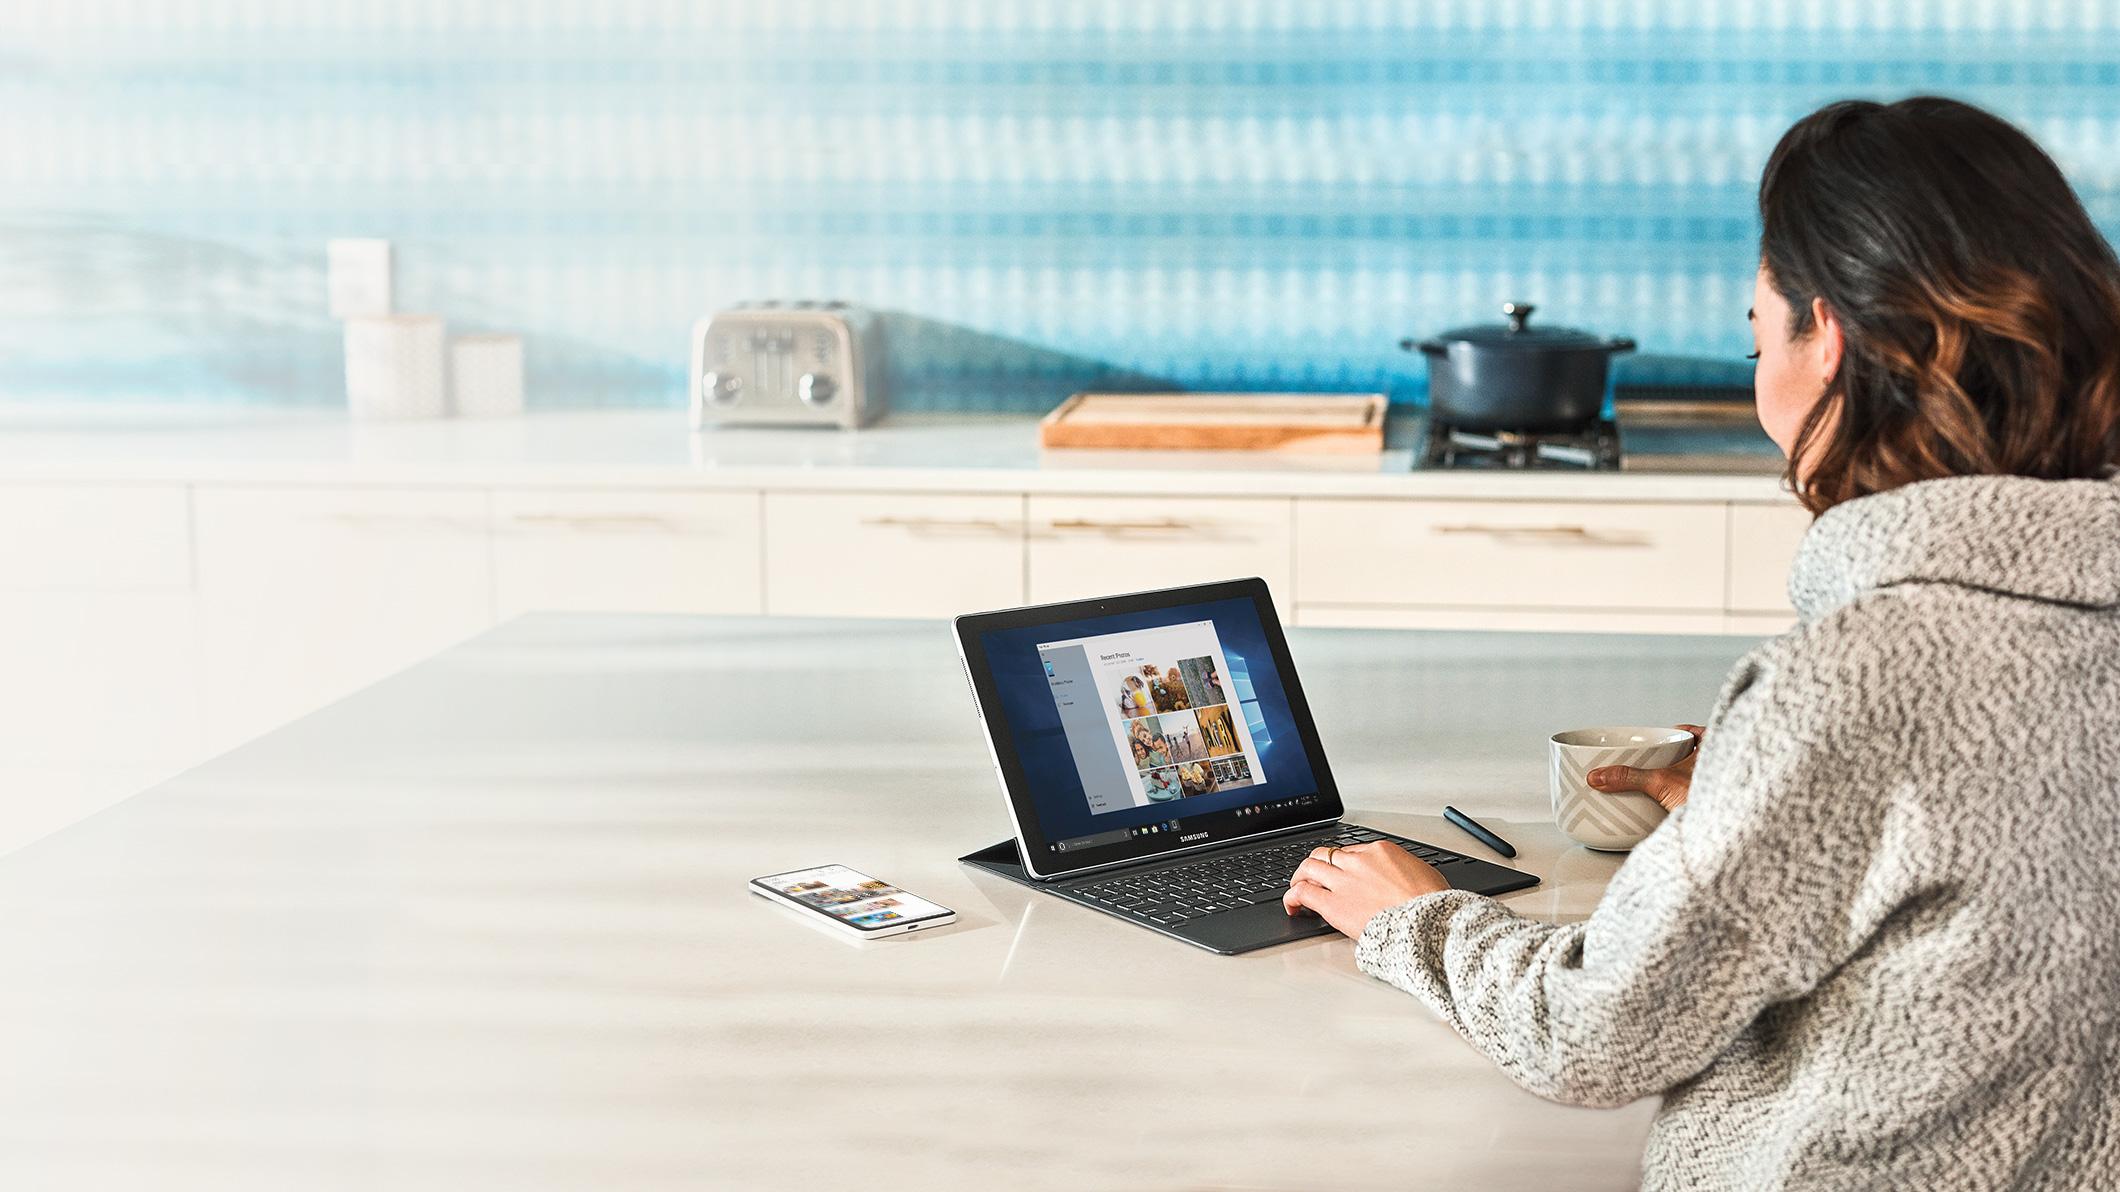 Una mujer usa su PC y teléfono mientras disfruta de una taza de café.